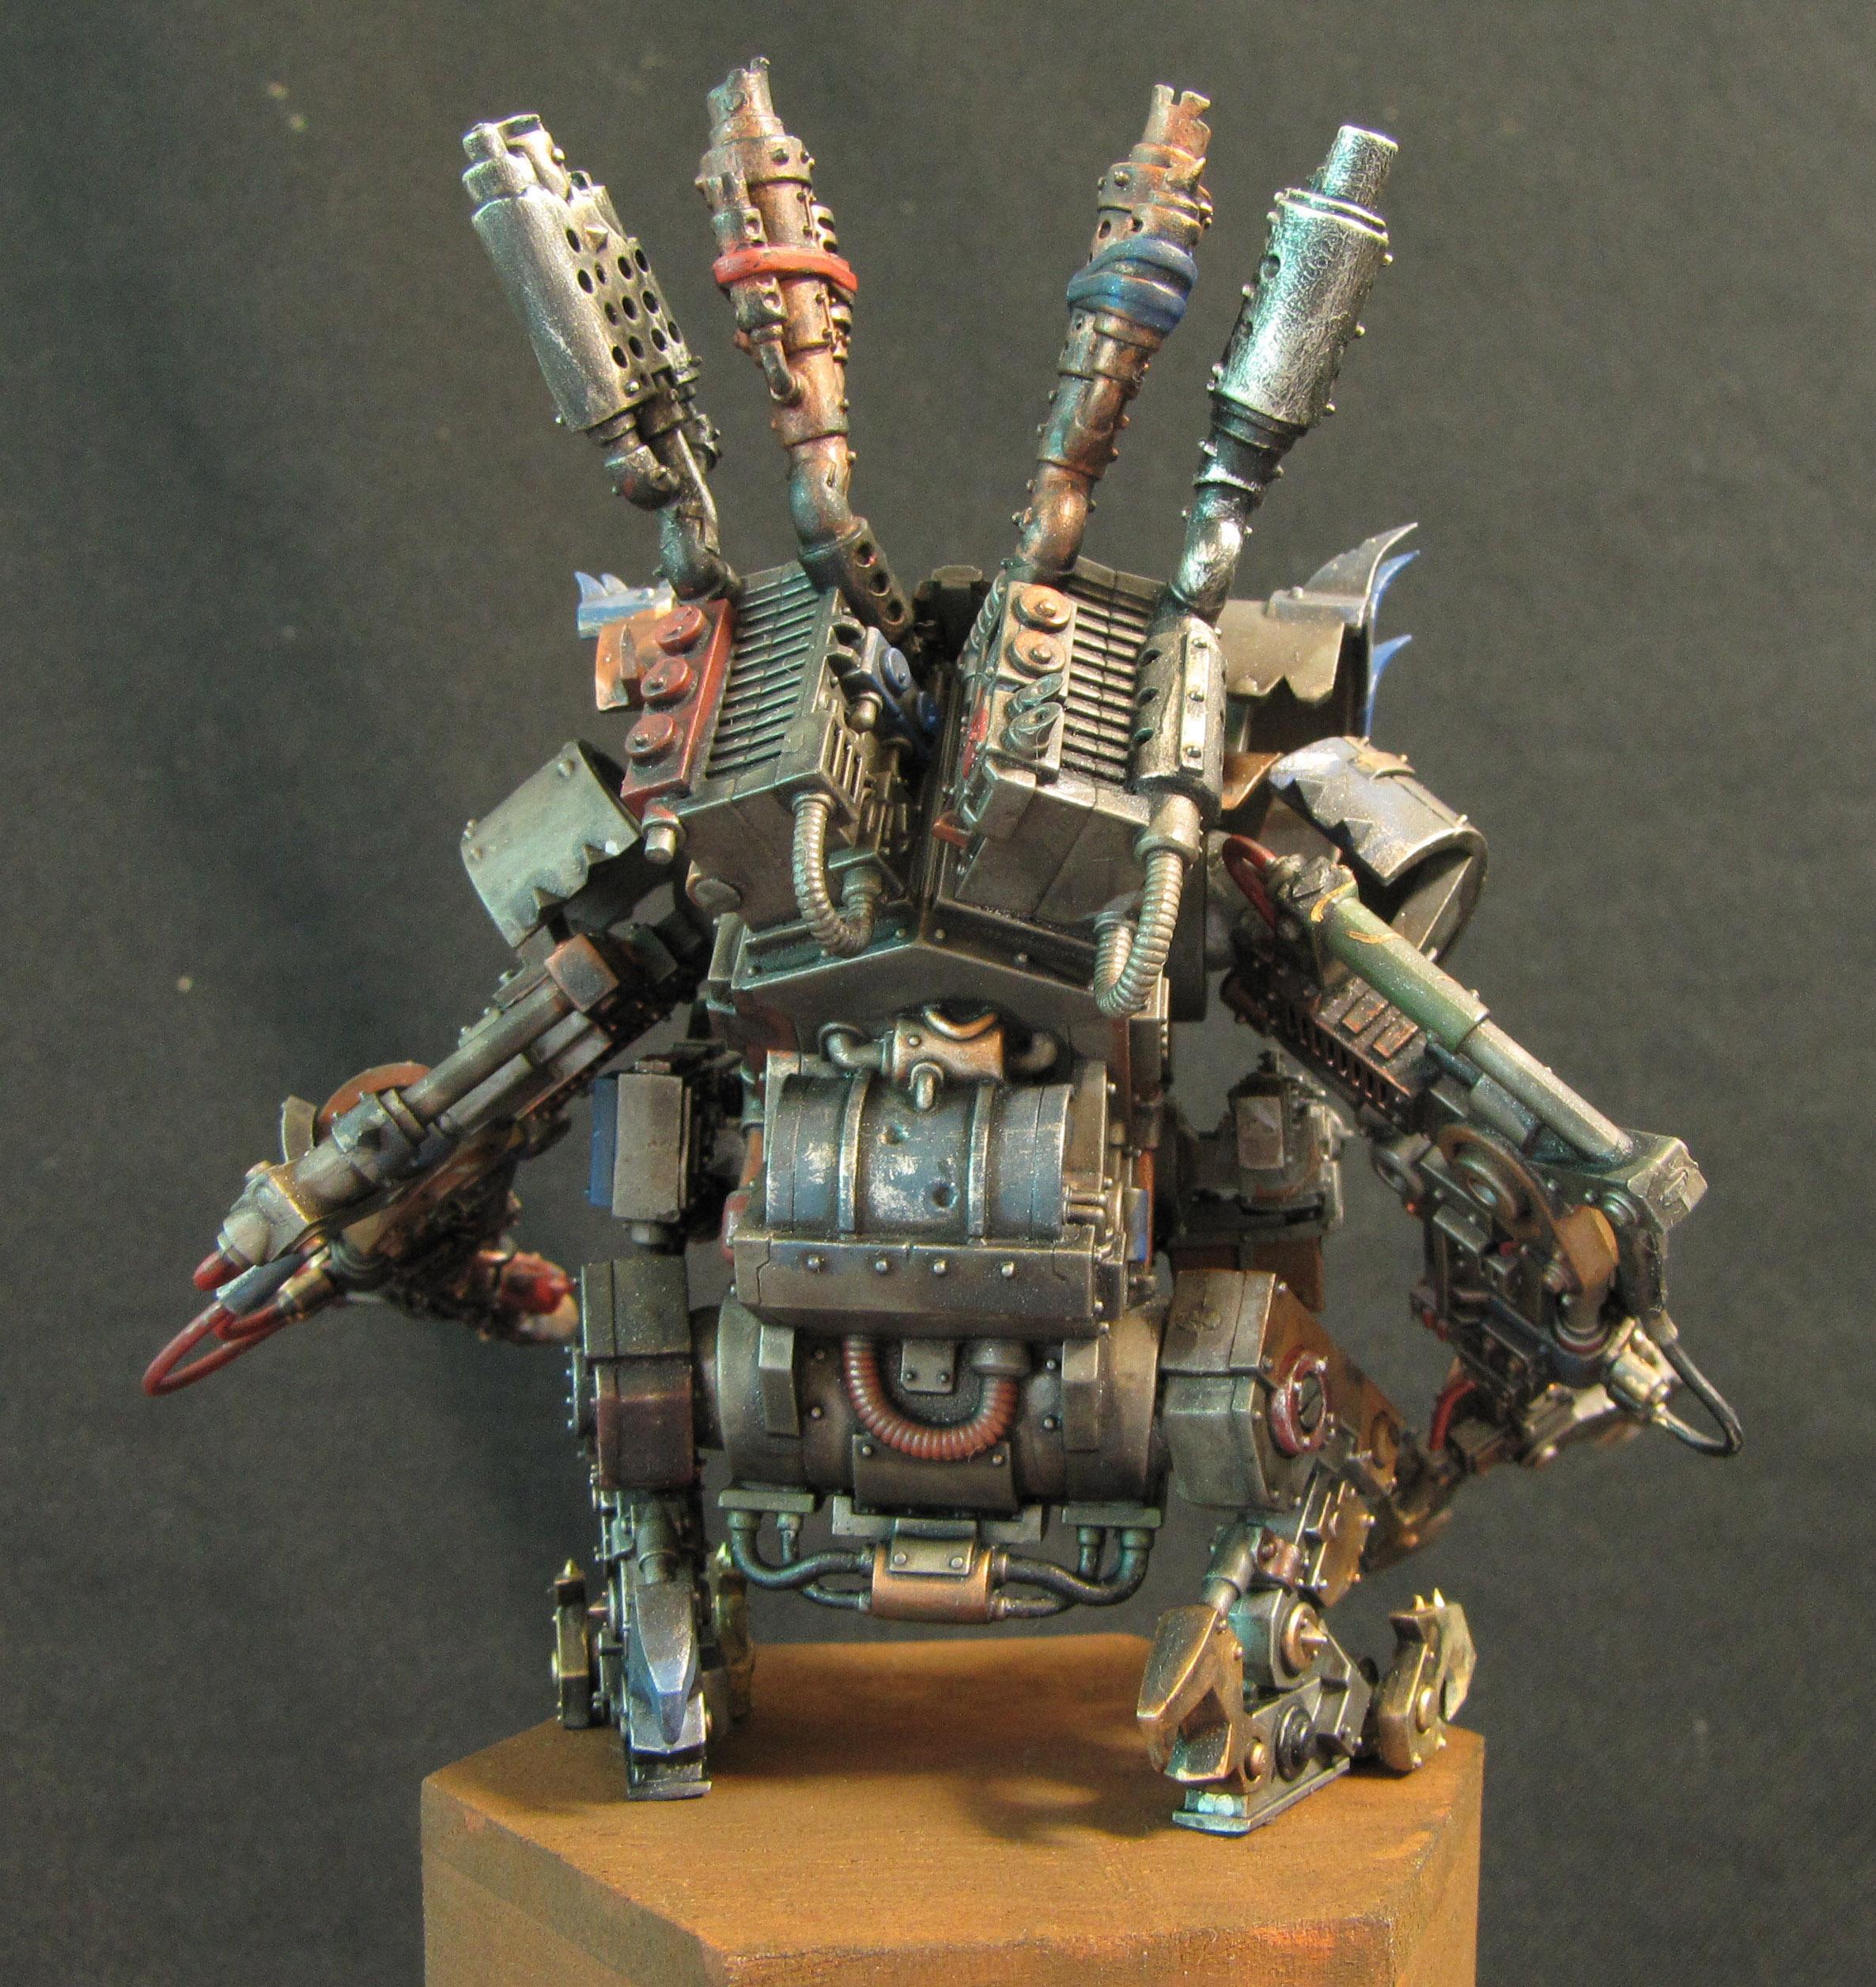 Boy, Burnas, Deff, Deff Dredd, Dredd, Lootas, Orcs, Orks, Stompa, Trukk, Warboss, Warhammer 40,000, Warhammer Fantasy